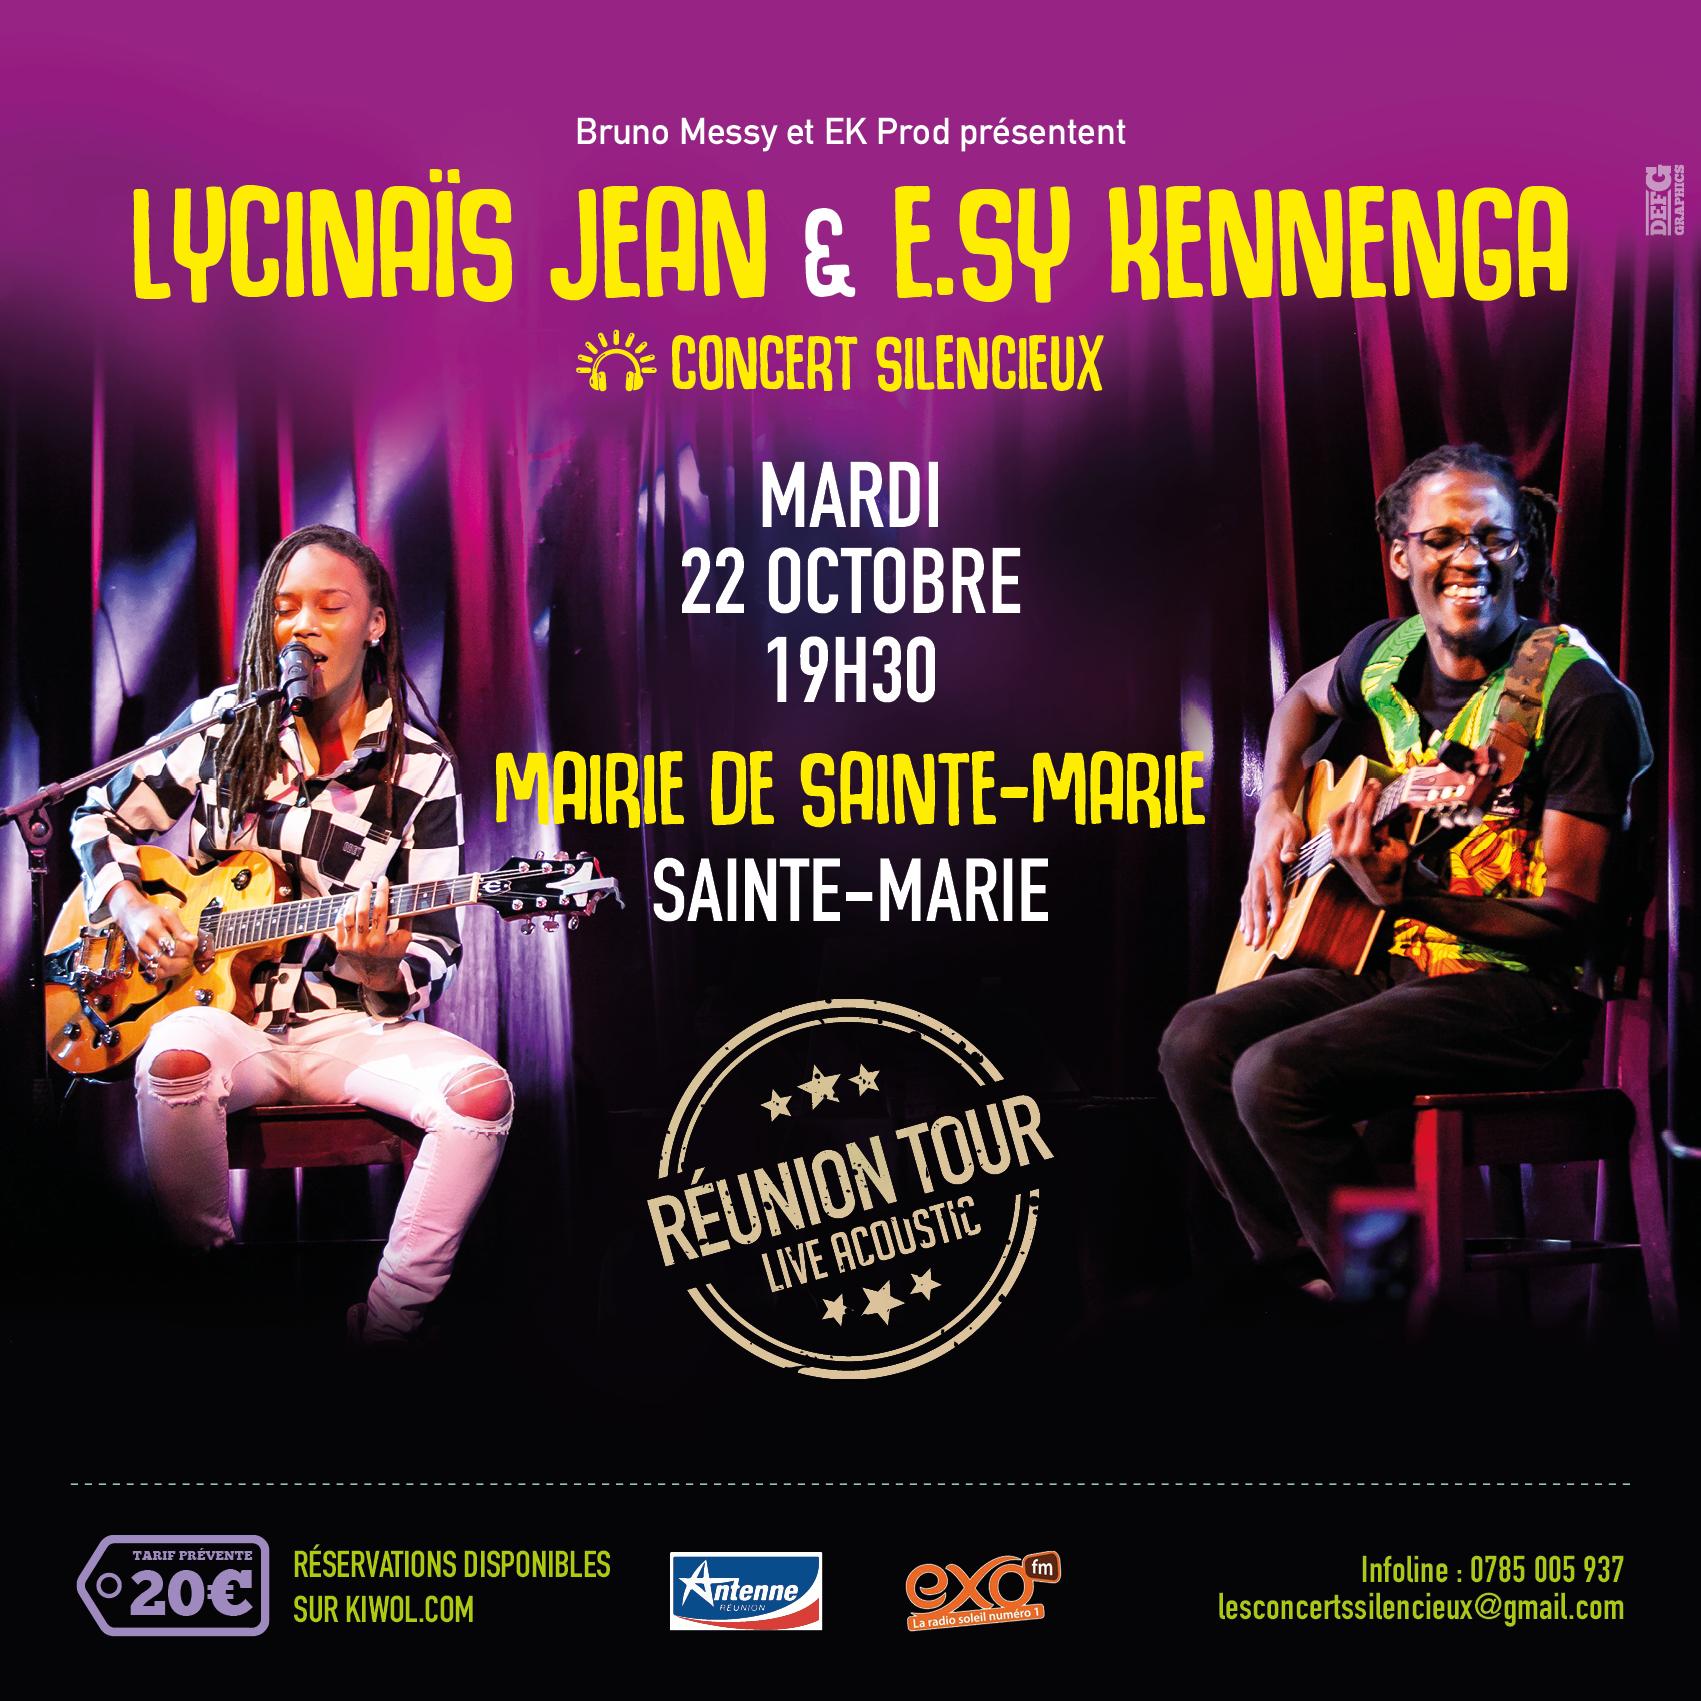 LYCINAÏS JEAN & E.SY KENNENGA -En DUO - Concert Live Acoustique - (Silencieux) – a SAINTE-MARIE  à La REUNION